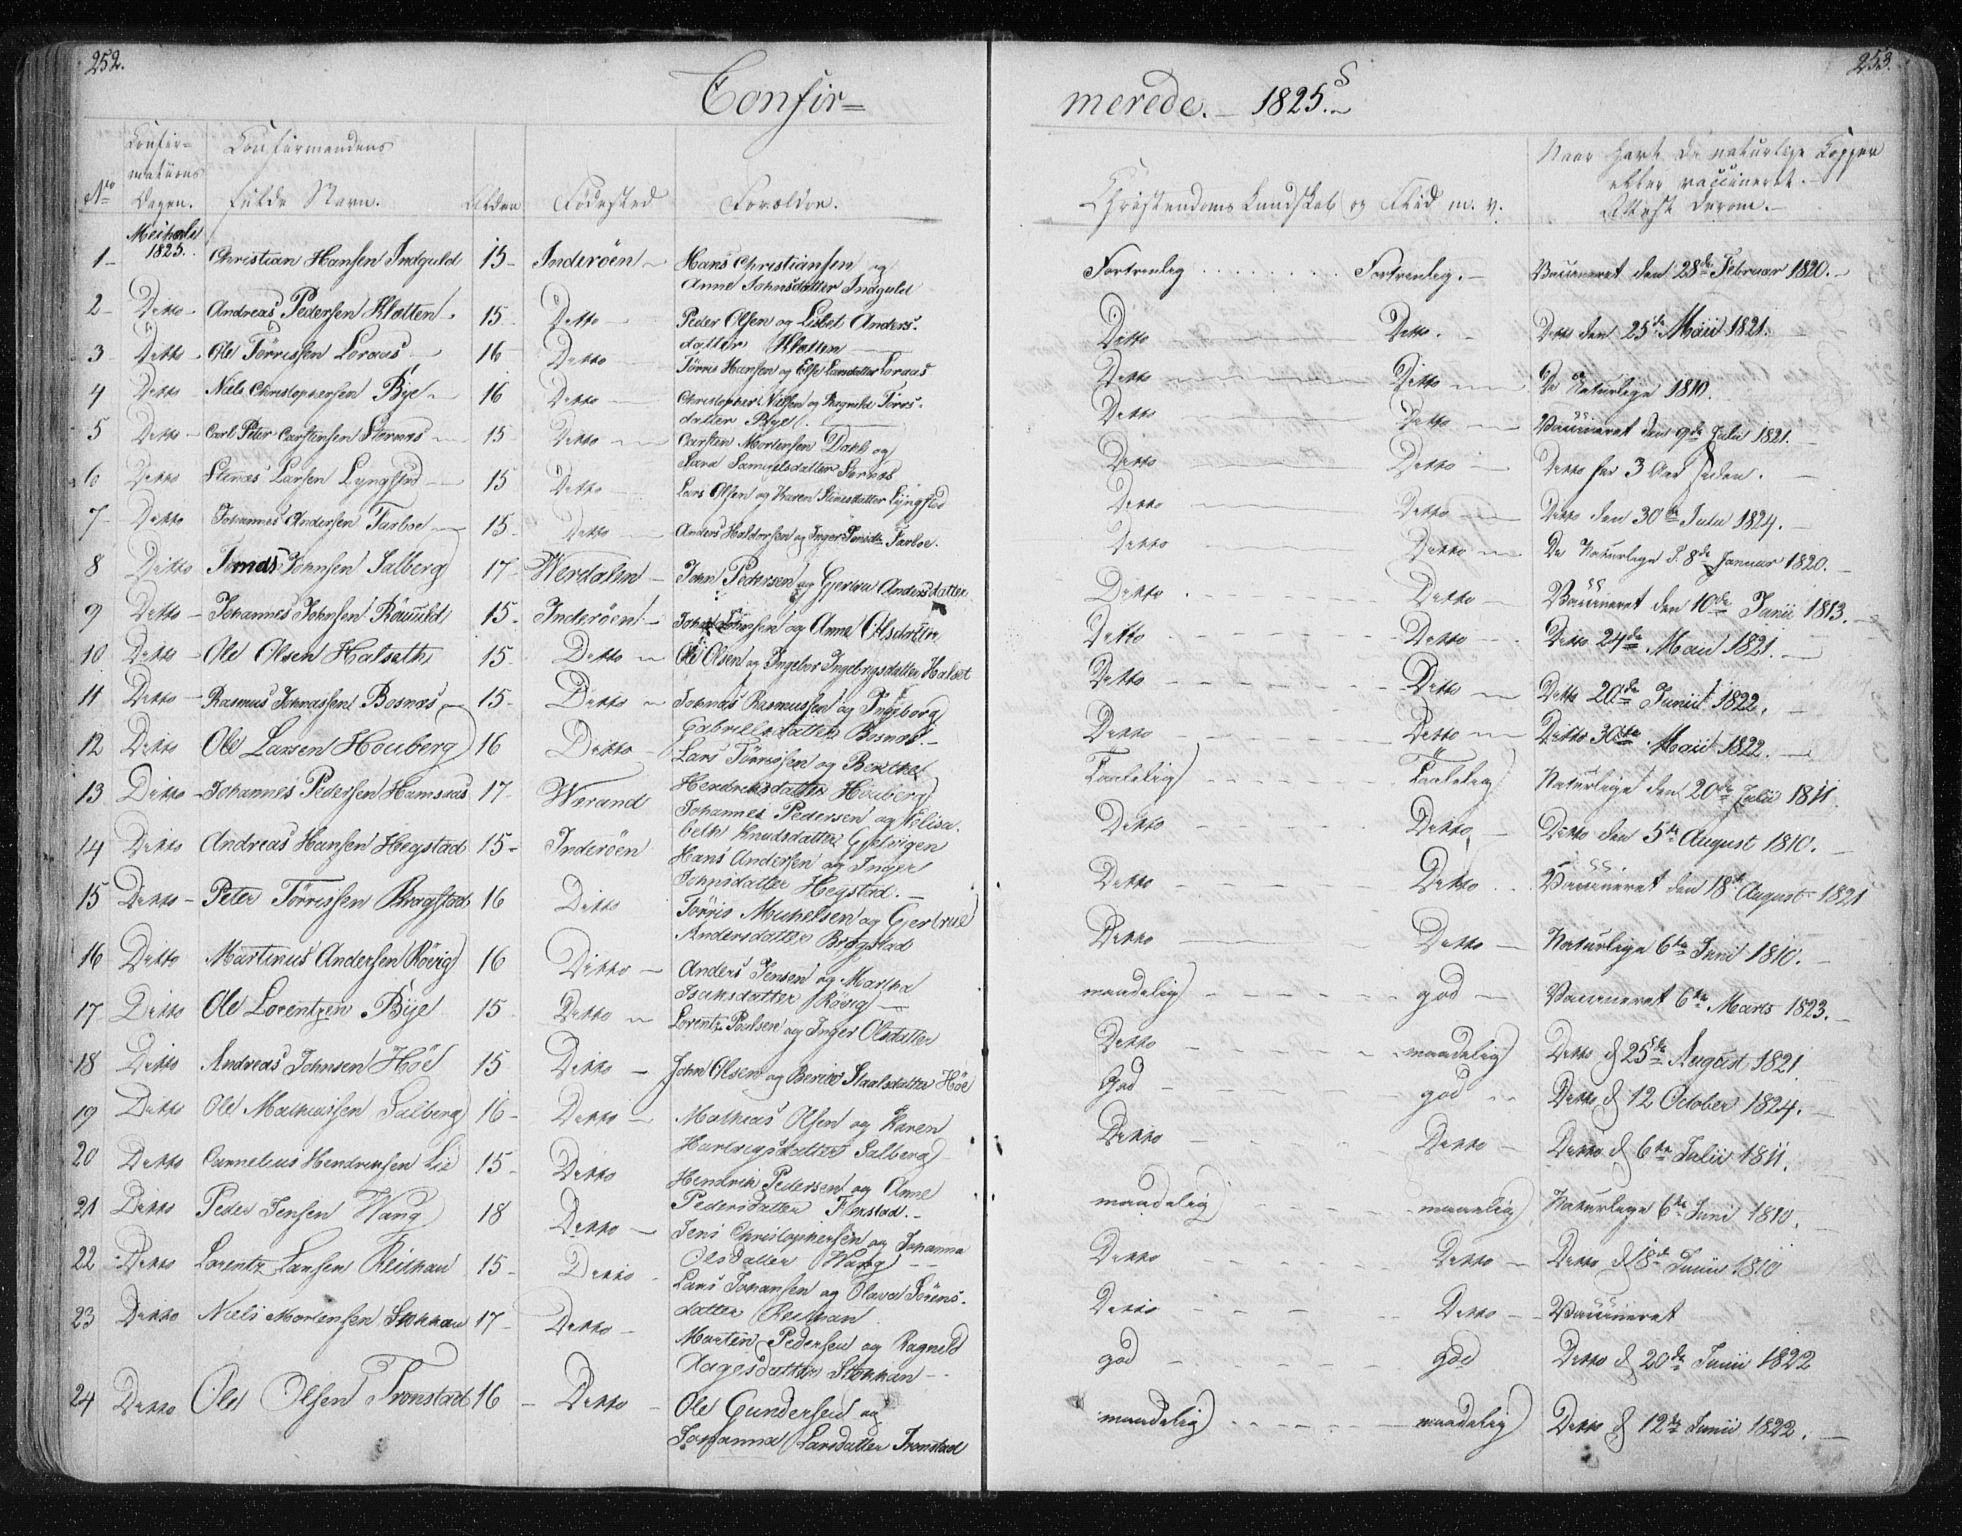 SAT, Ministerialprotokoller, klokkerbøker og fødselsregistre - Nord-Trøndelag, 730/L0276: Ministerialbok nr. 730A05, 1822-1830, s. 252-253